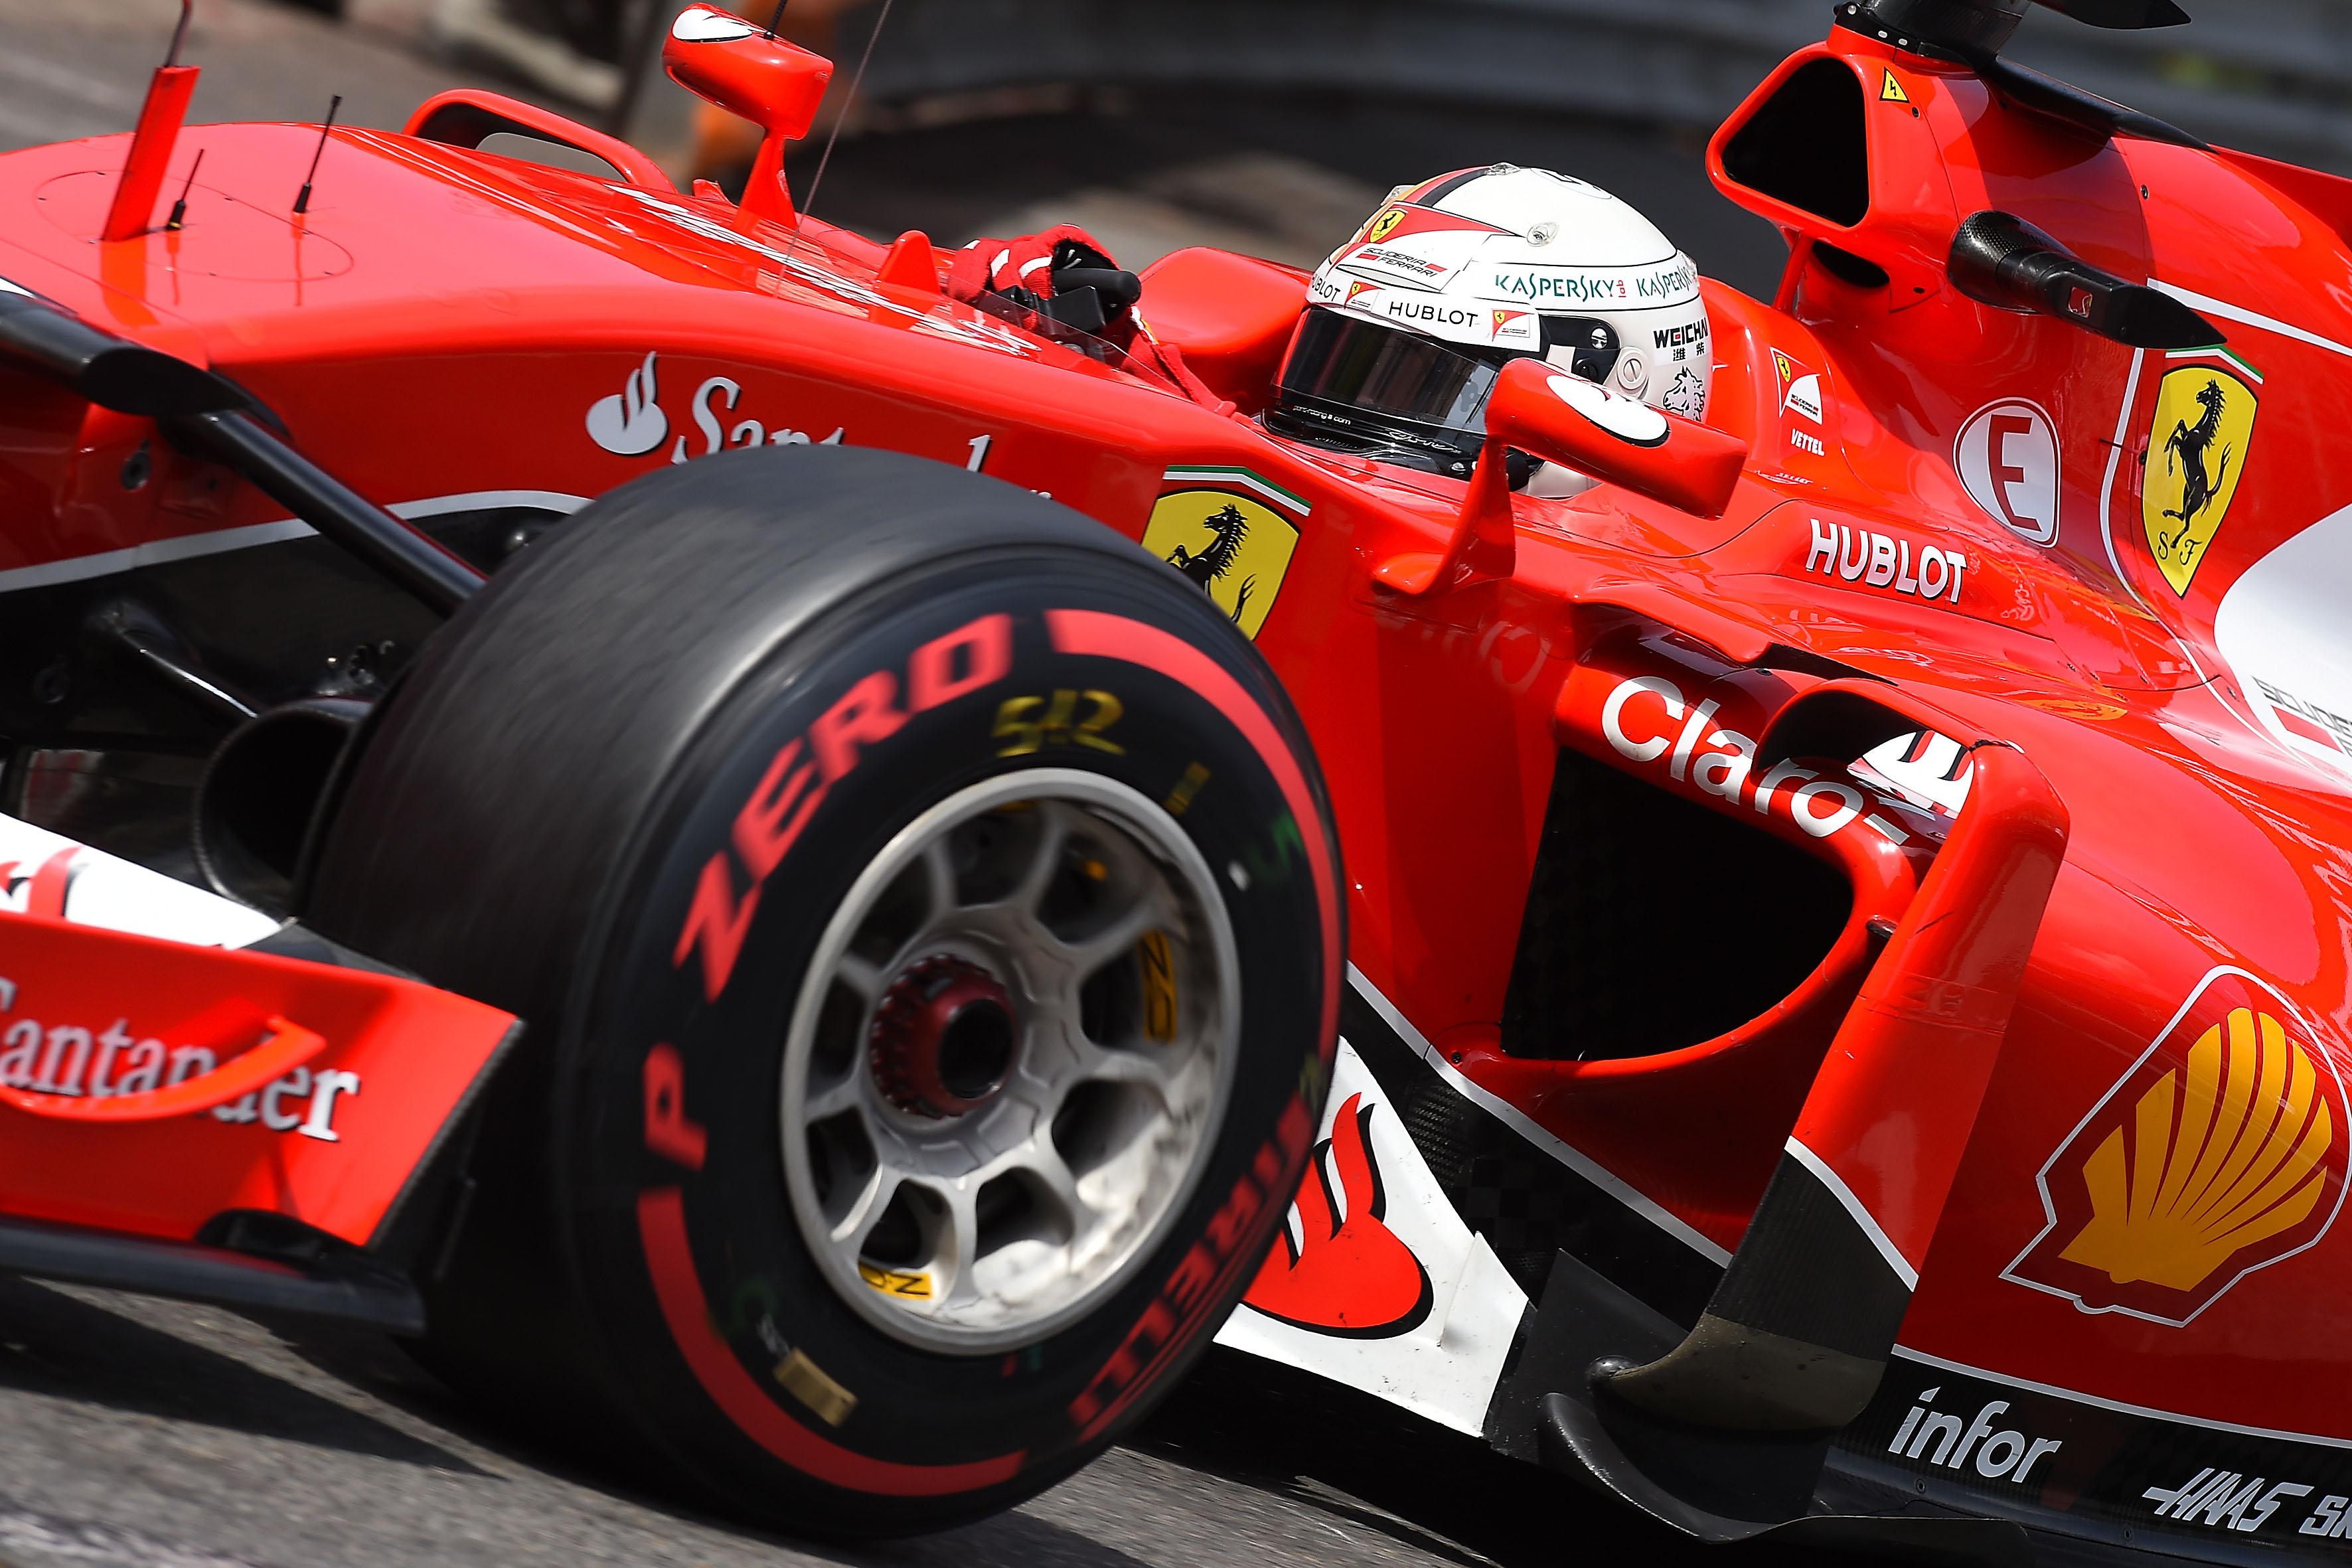 Teams disagree over 'super super-soft' tyre test